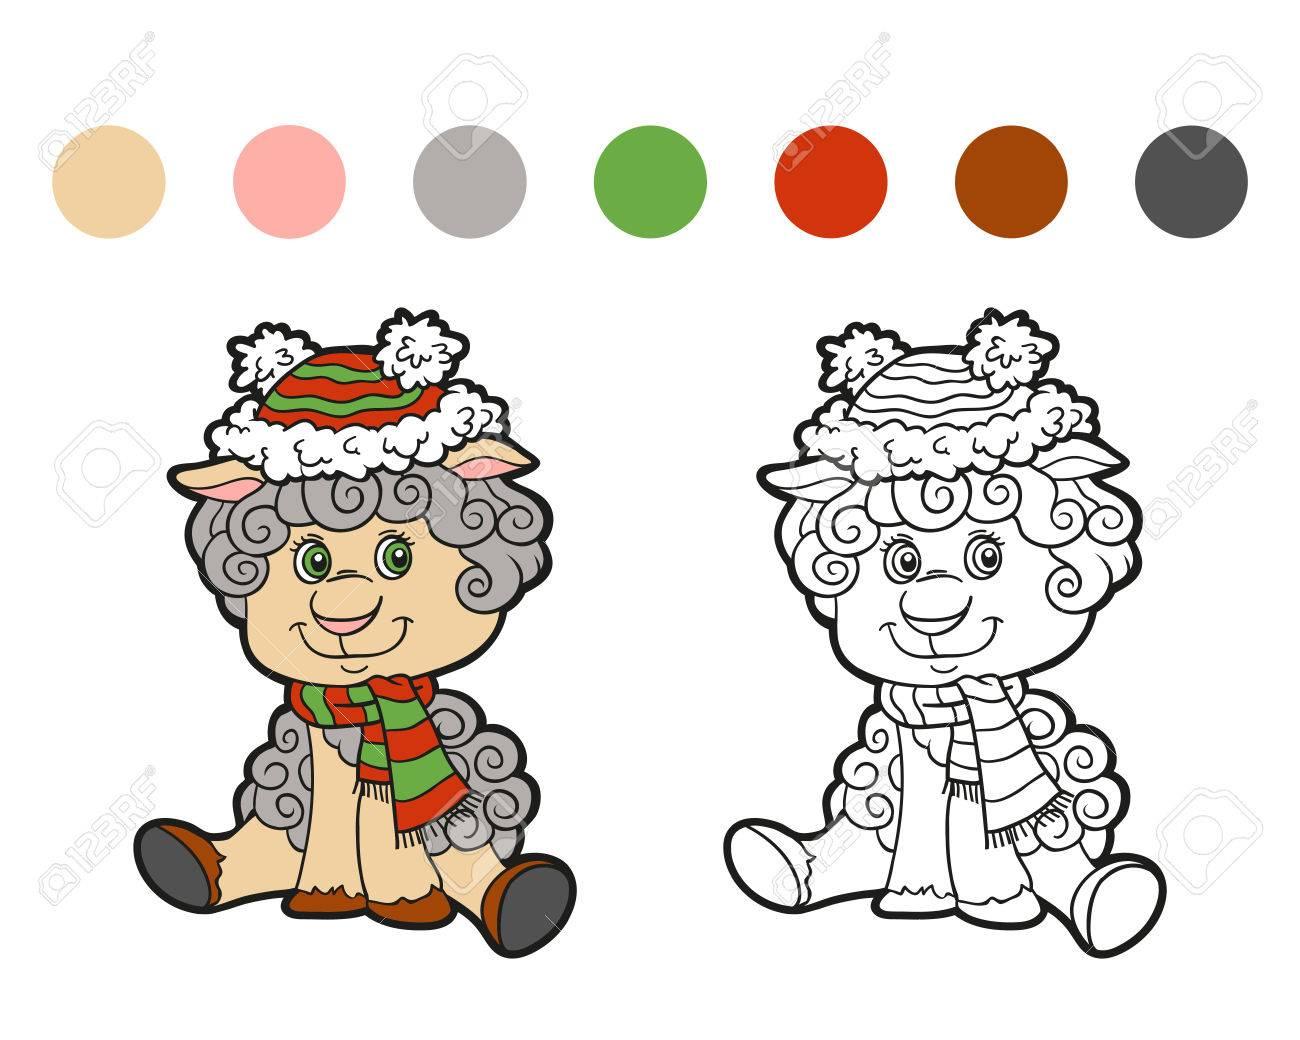 塗り絵 クリスマス冬羊子供のためのゲーム ロイヤリティフリー